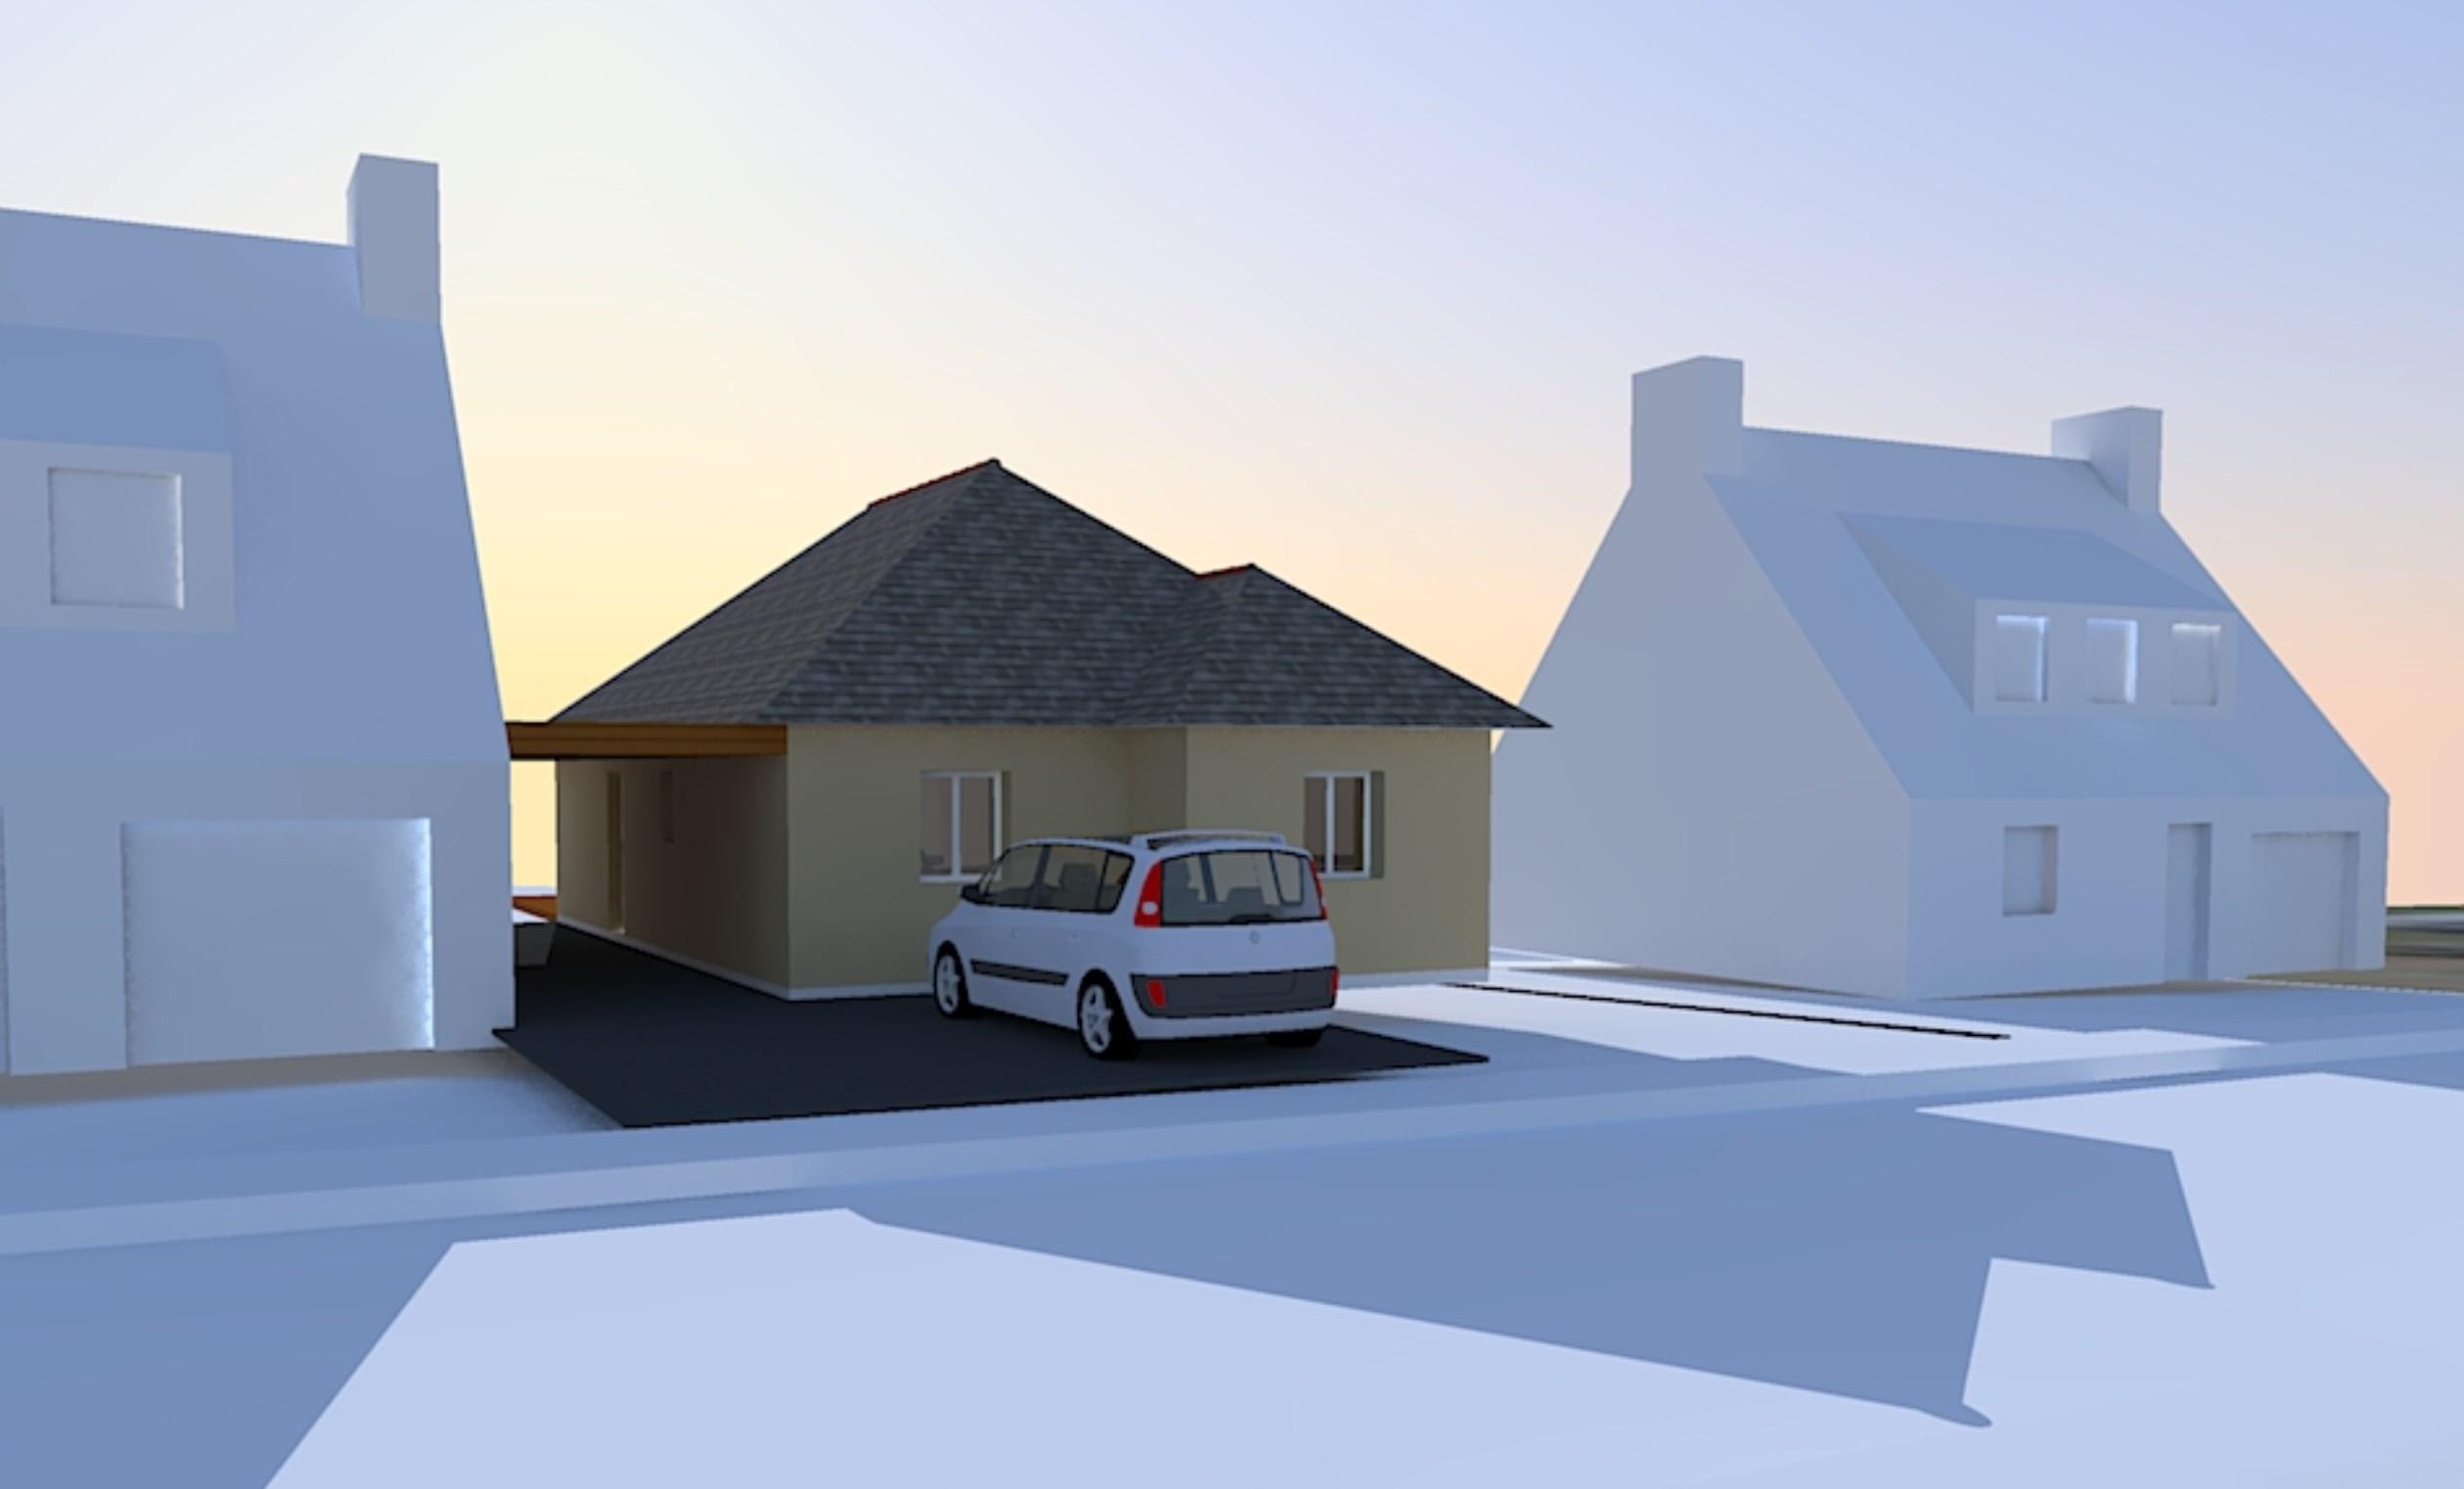 modlisation 3d maison dcouvrez with modlisation 3d maison. Black Bedroom Furniture Sets. Home Design Ideas